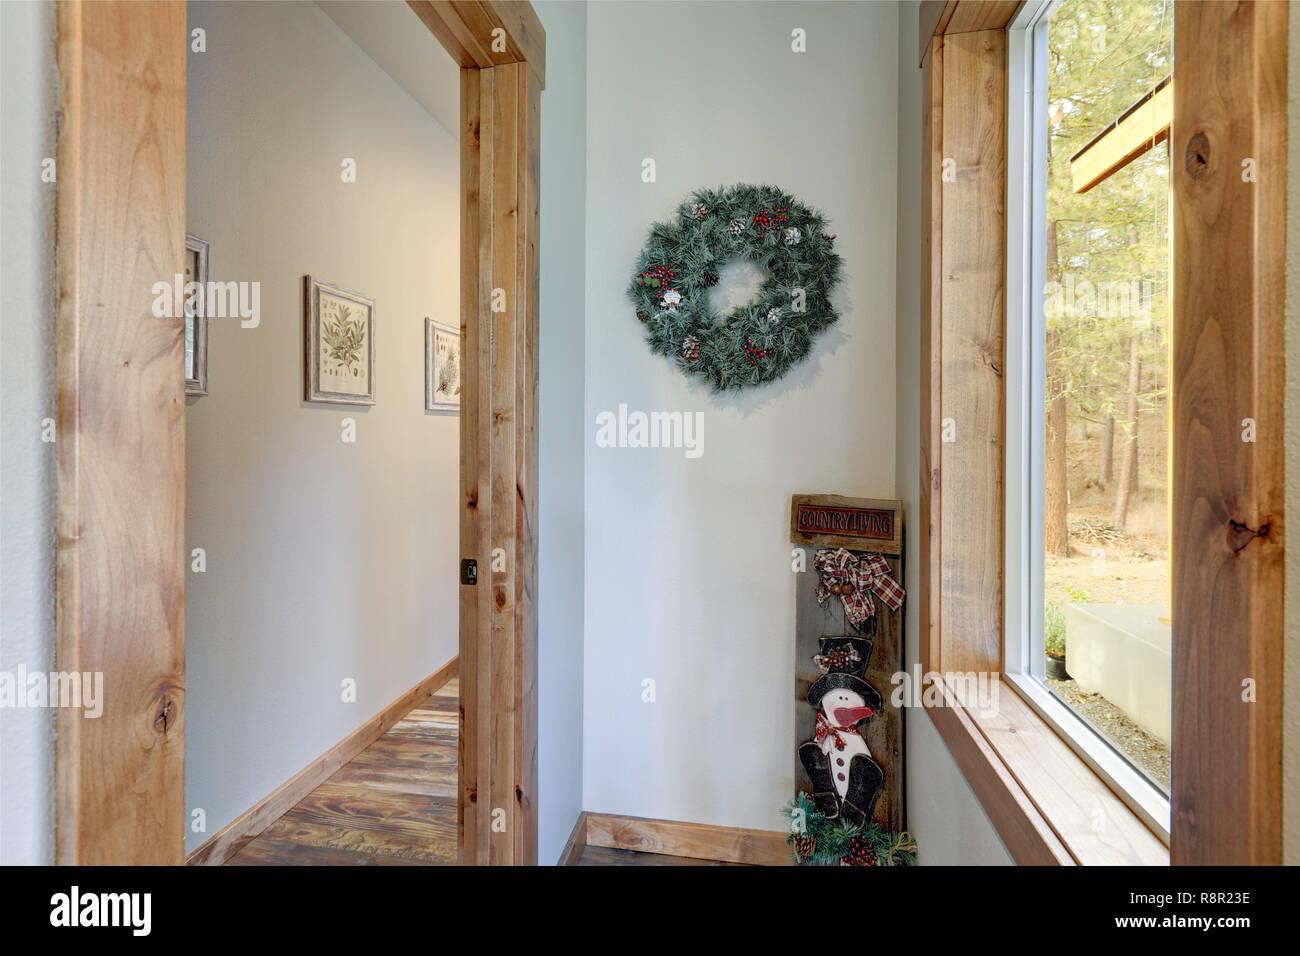 Decoration Interieur Noel Maison Americaine